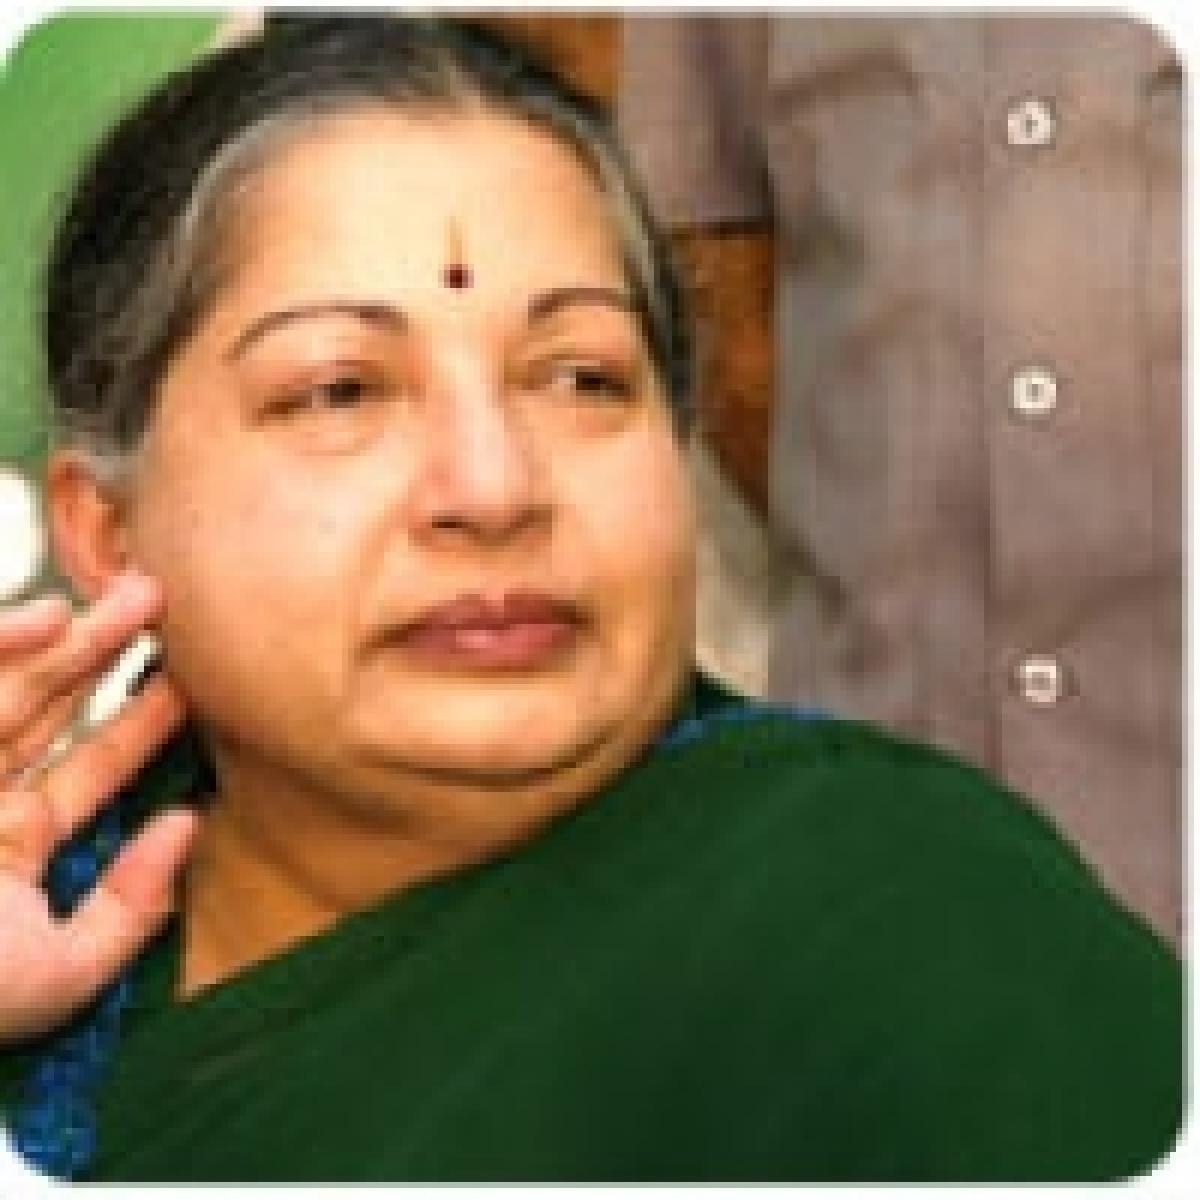 அரசு ஊழியர்களுக்கு 8% அகவிலைப்படி உயர்வு: ஜெயலலிதா  அறிவிப்பு